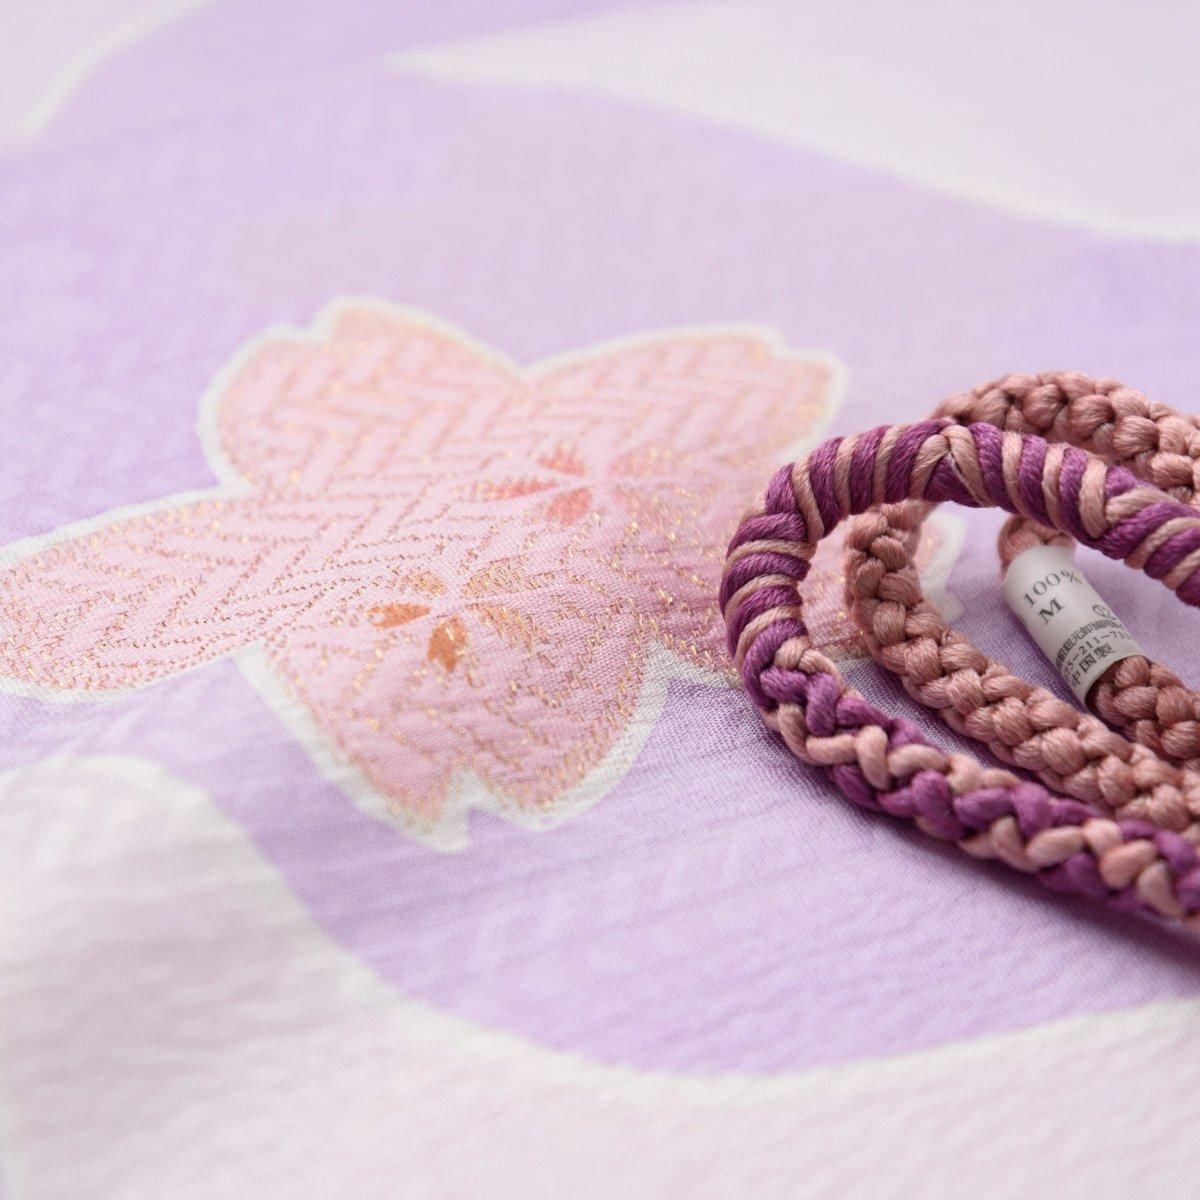 「帯揚げ帯締めセット 大小桜」の商品画像